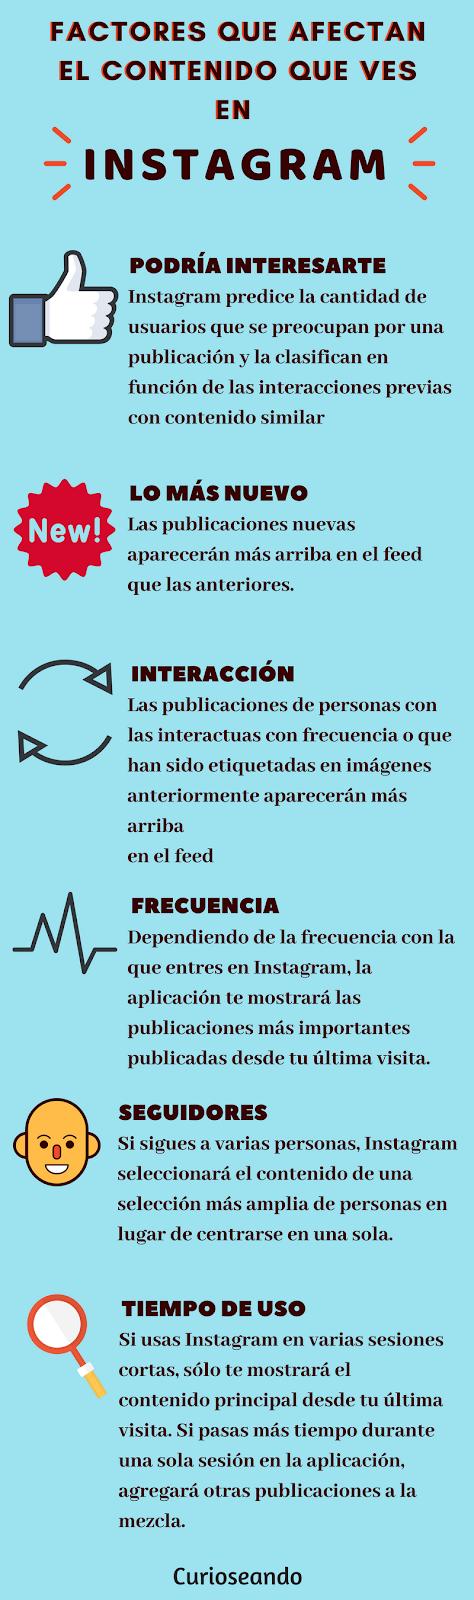 factores-afectan-instagram